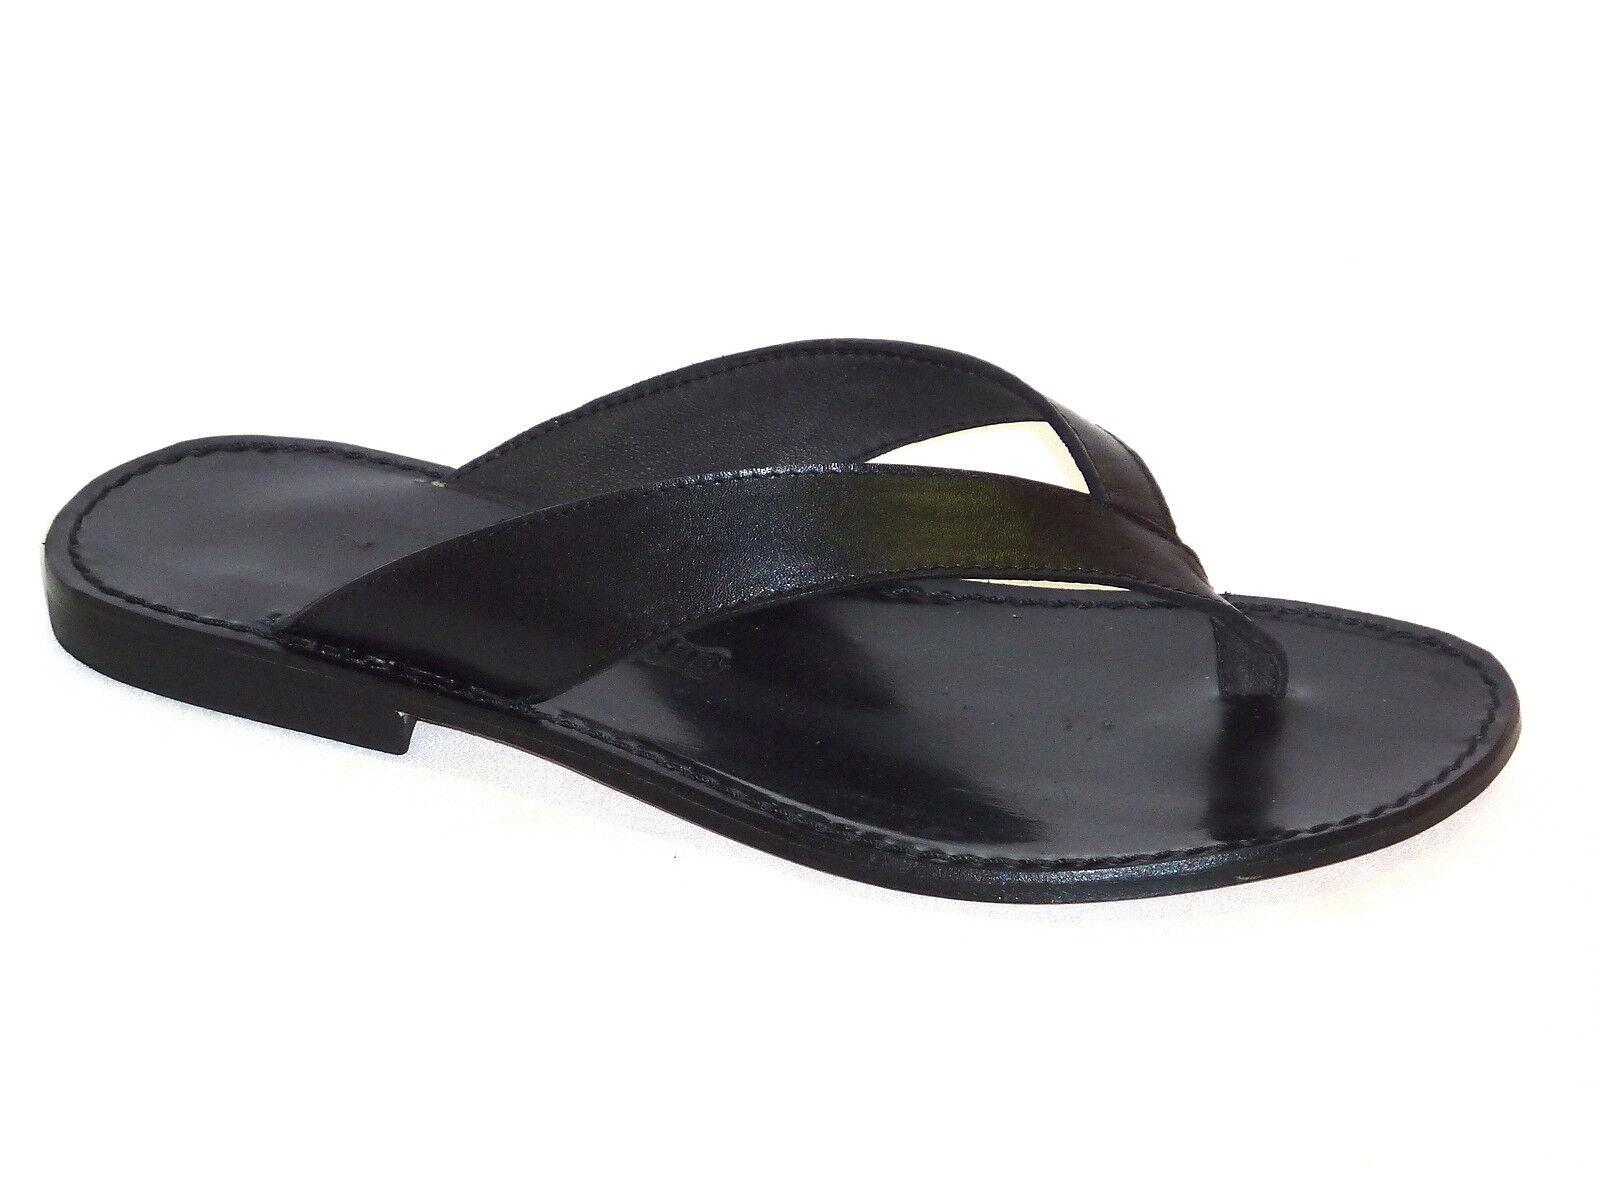 016 Flip-Flops Hausschuhe mode Herren Sandalen Leder schwarz mode Hausschuhe Junge n.42 5f2cd3